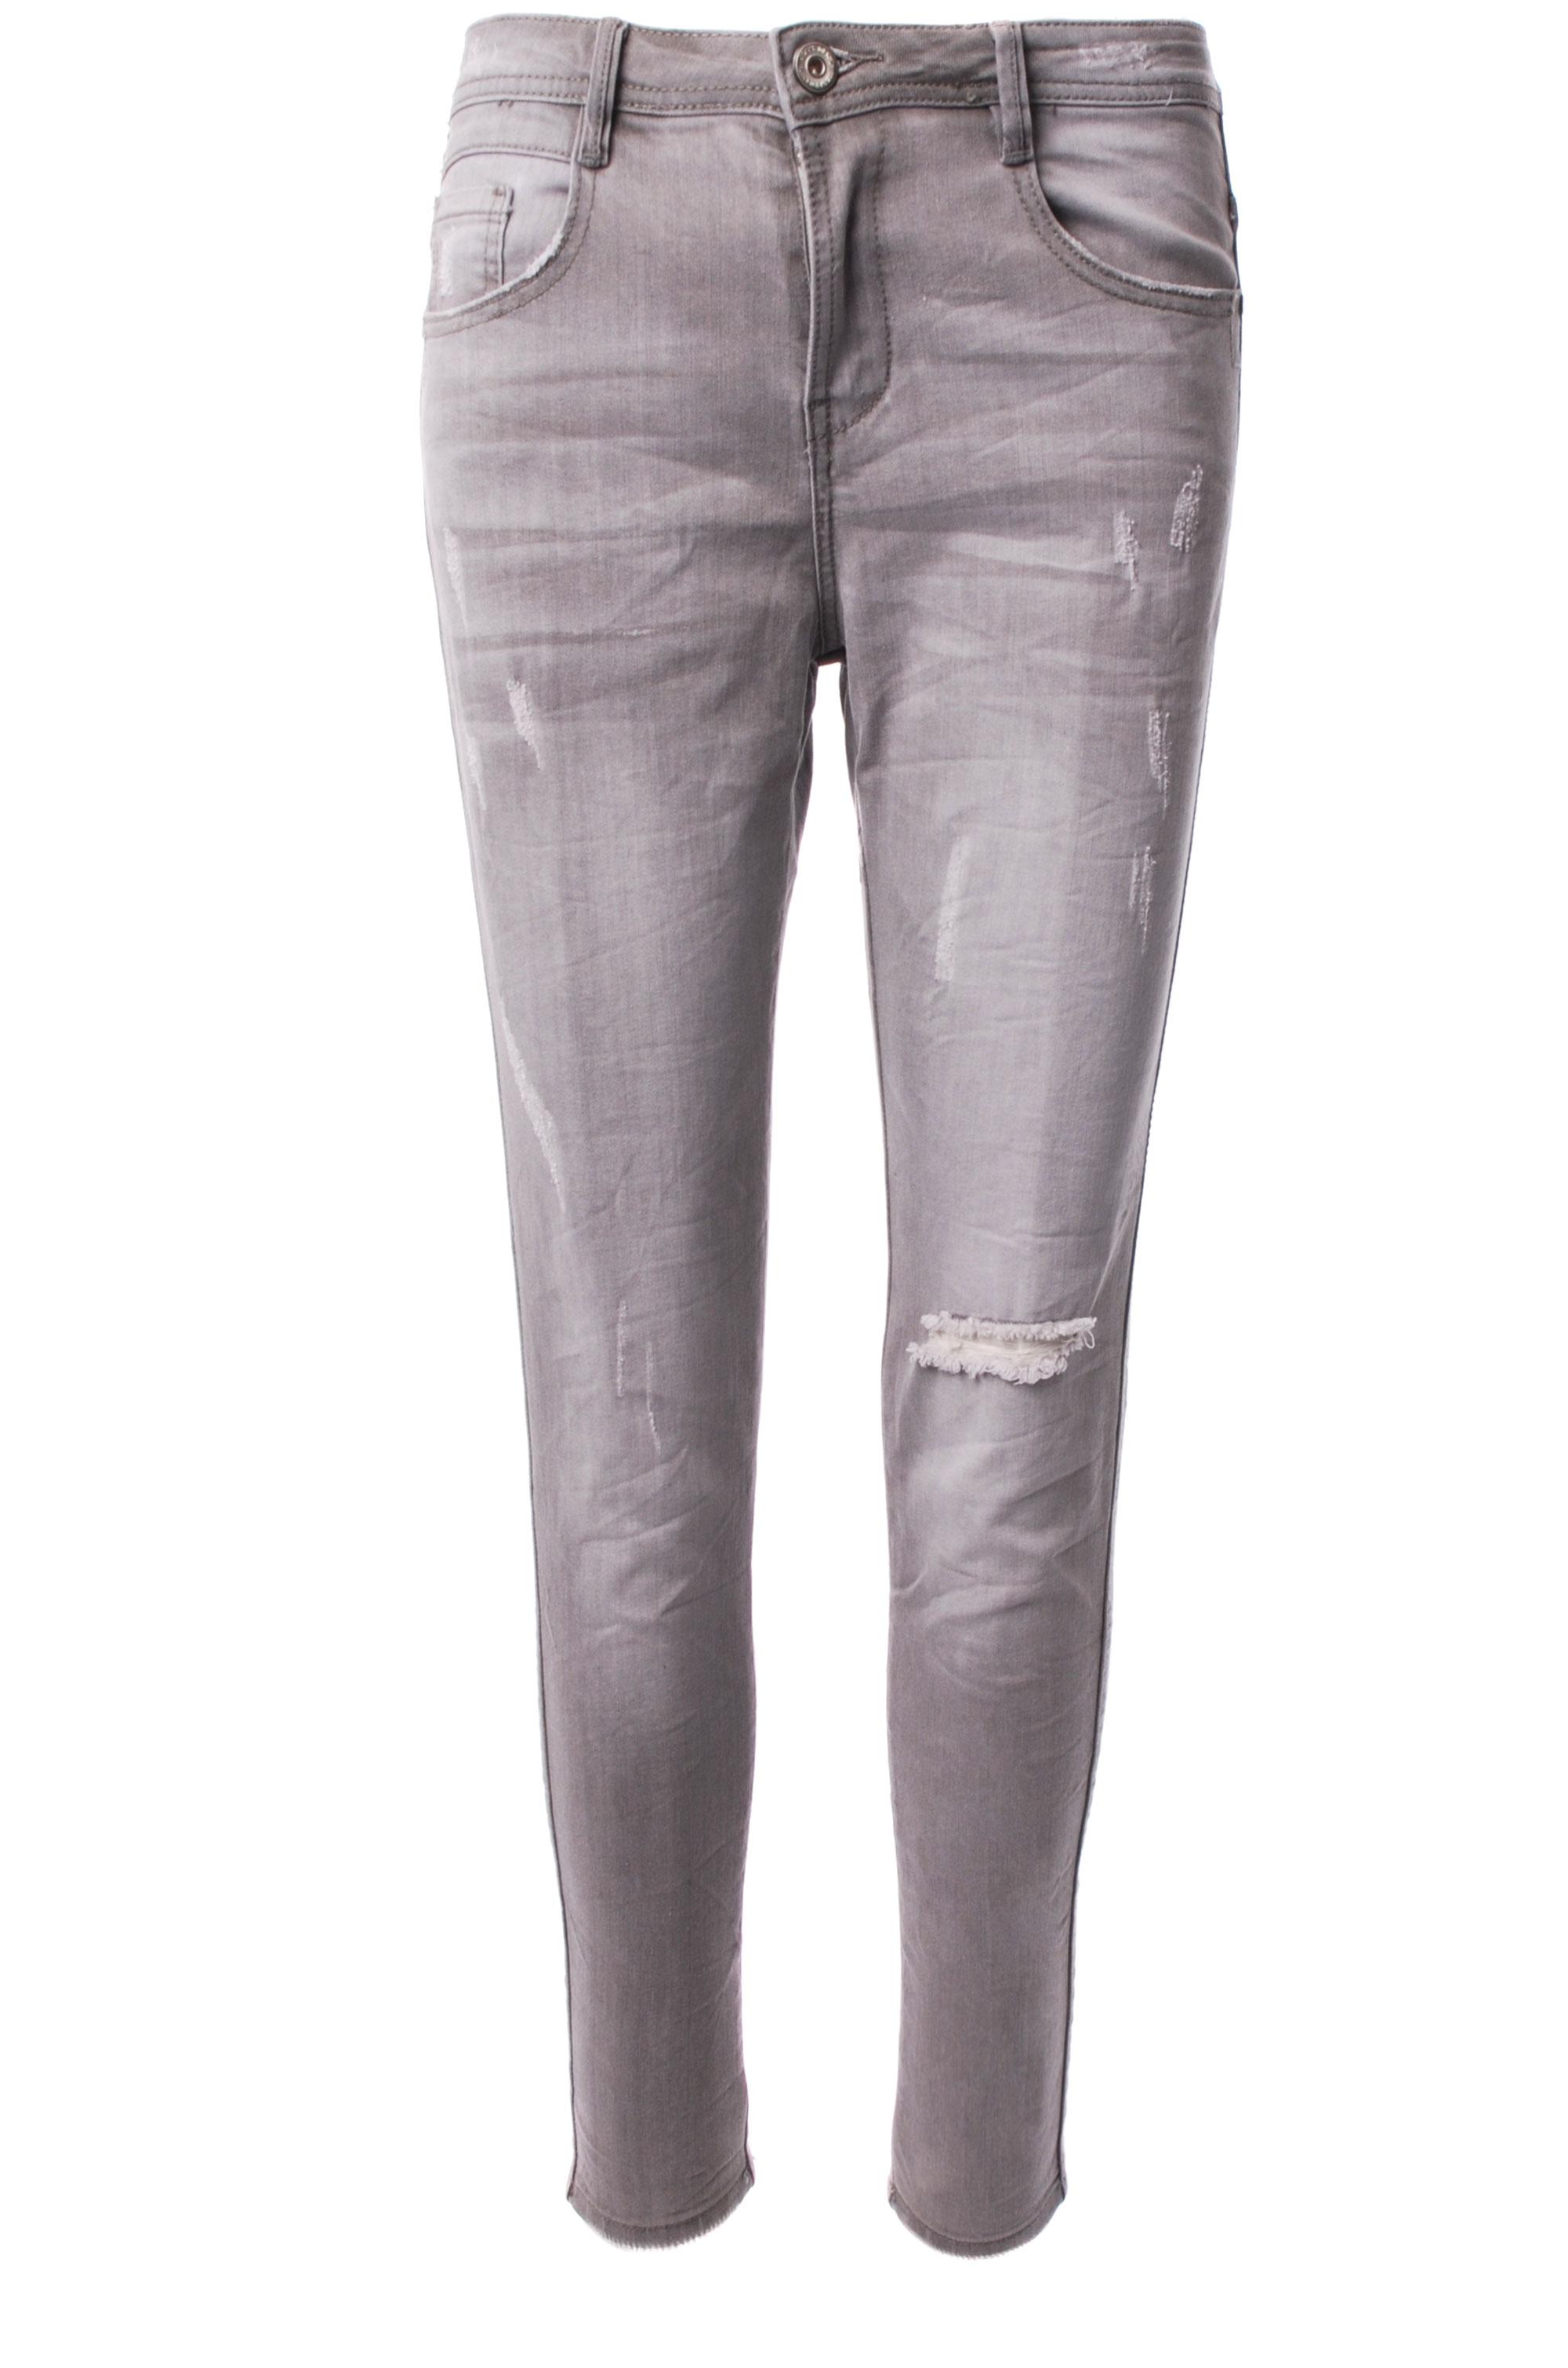 Spodnie - 42-272 GRI CH - Unisono